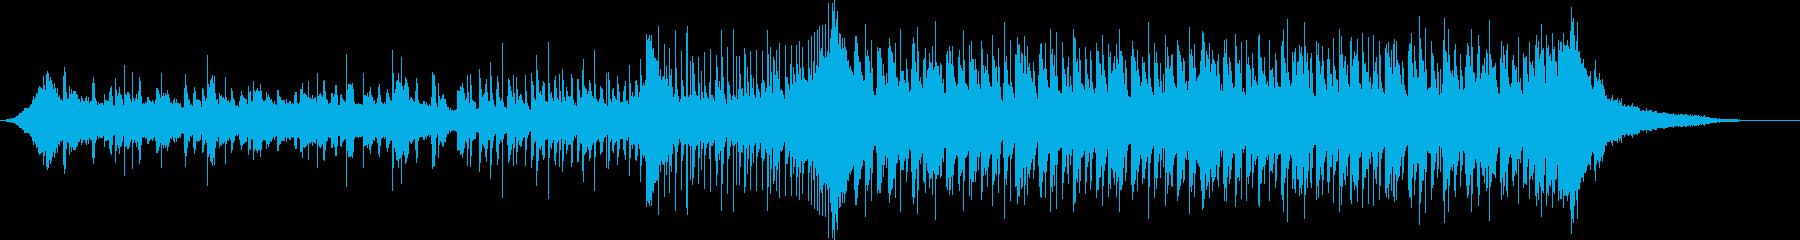 「山の魔王の宮殿にて」短いEDMカバーの再生済みの波形